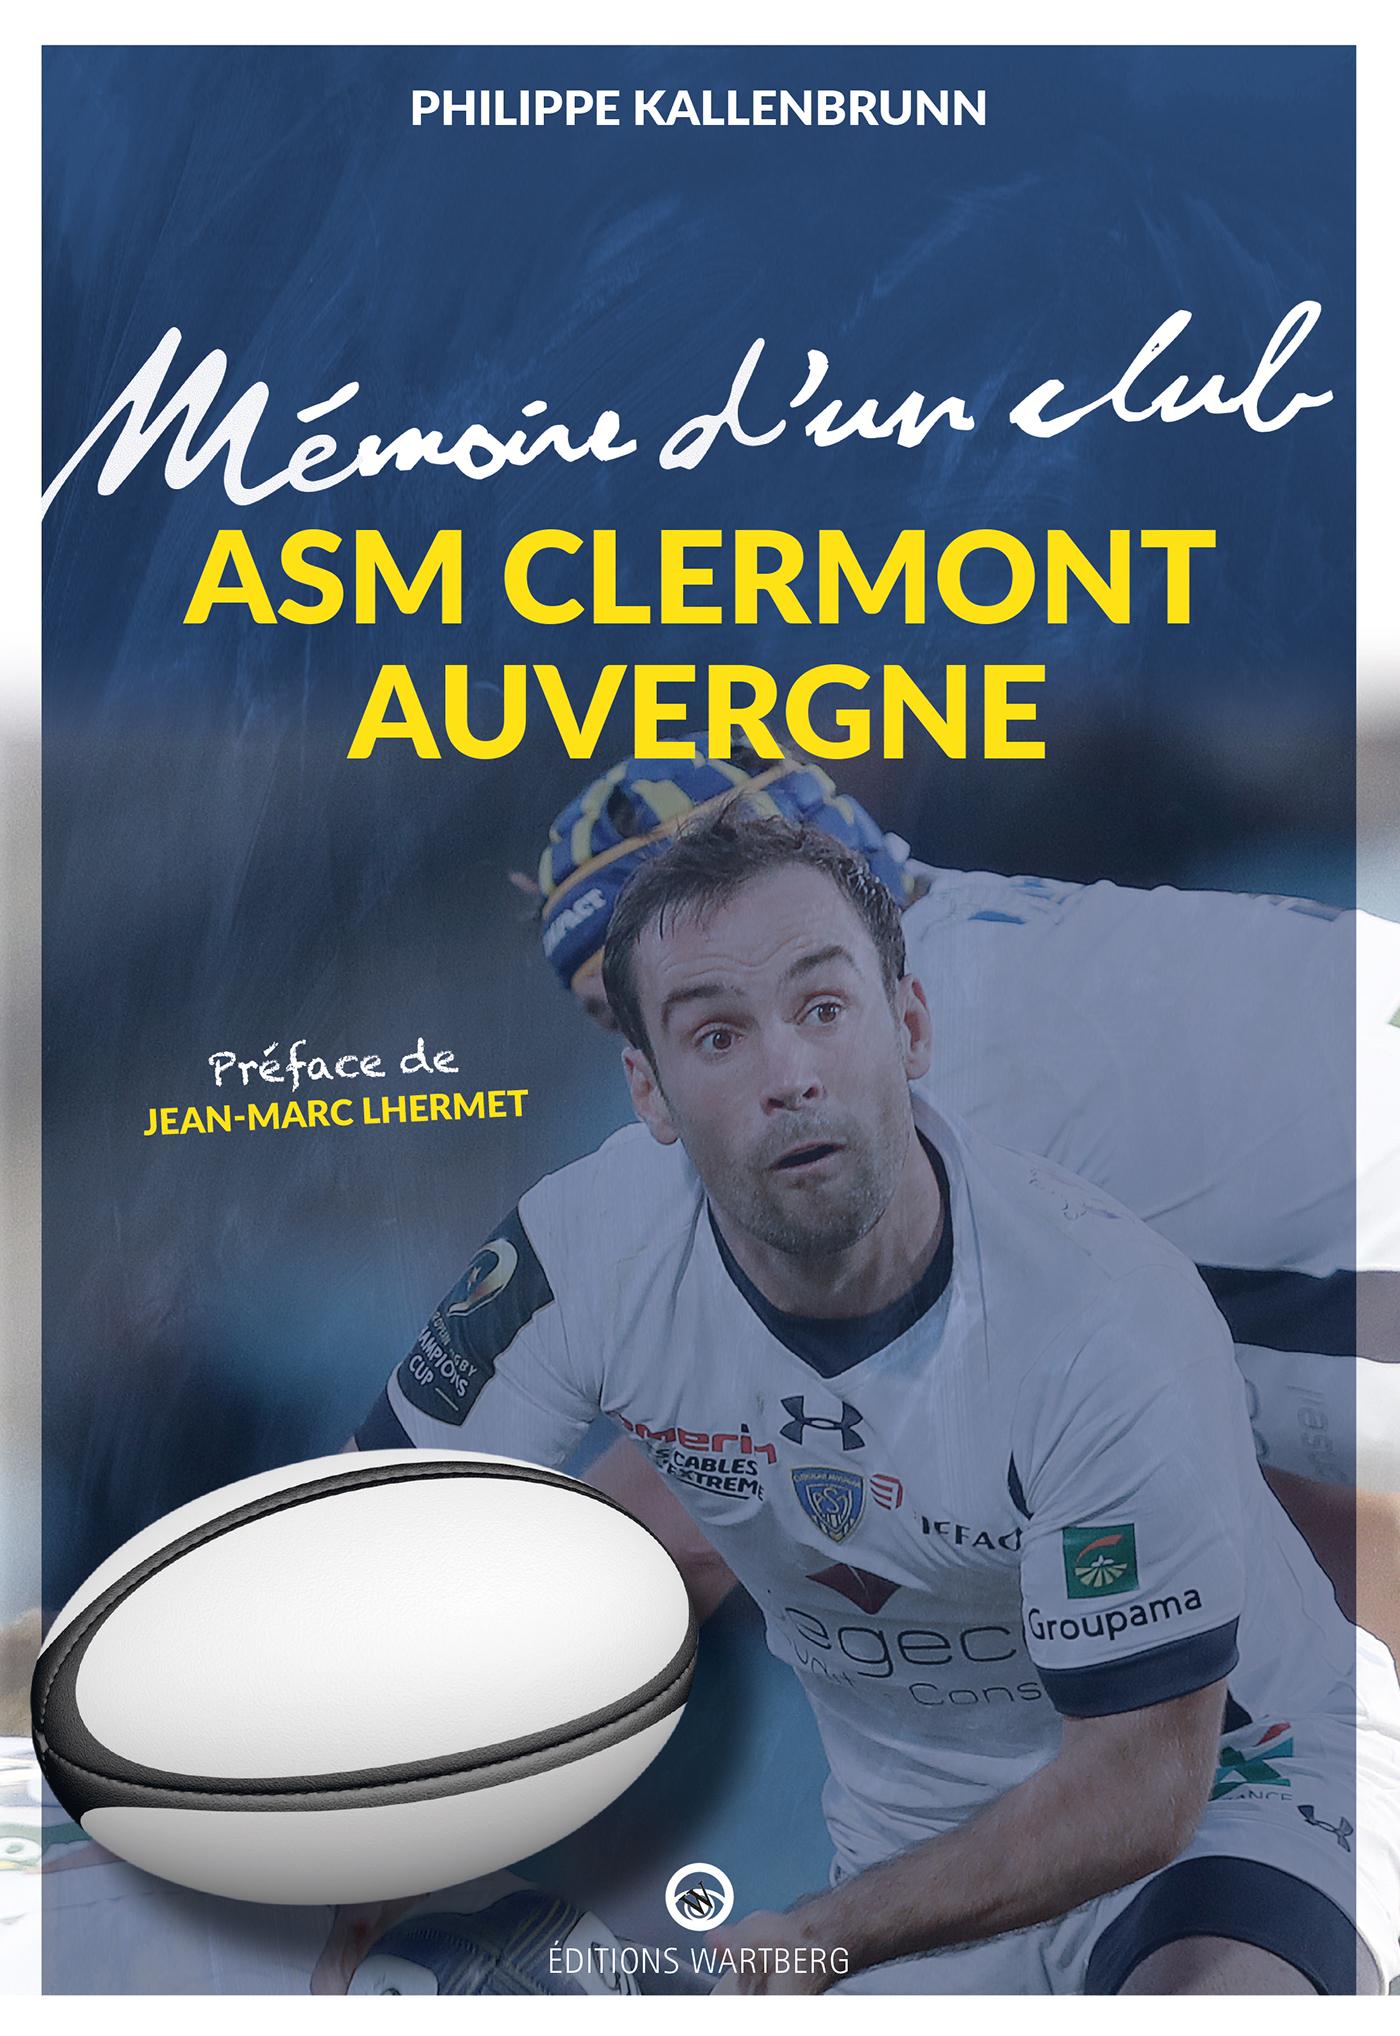 ASM CLERMONT AUVERGNE - MEMOIRE D'UN CLUB